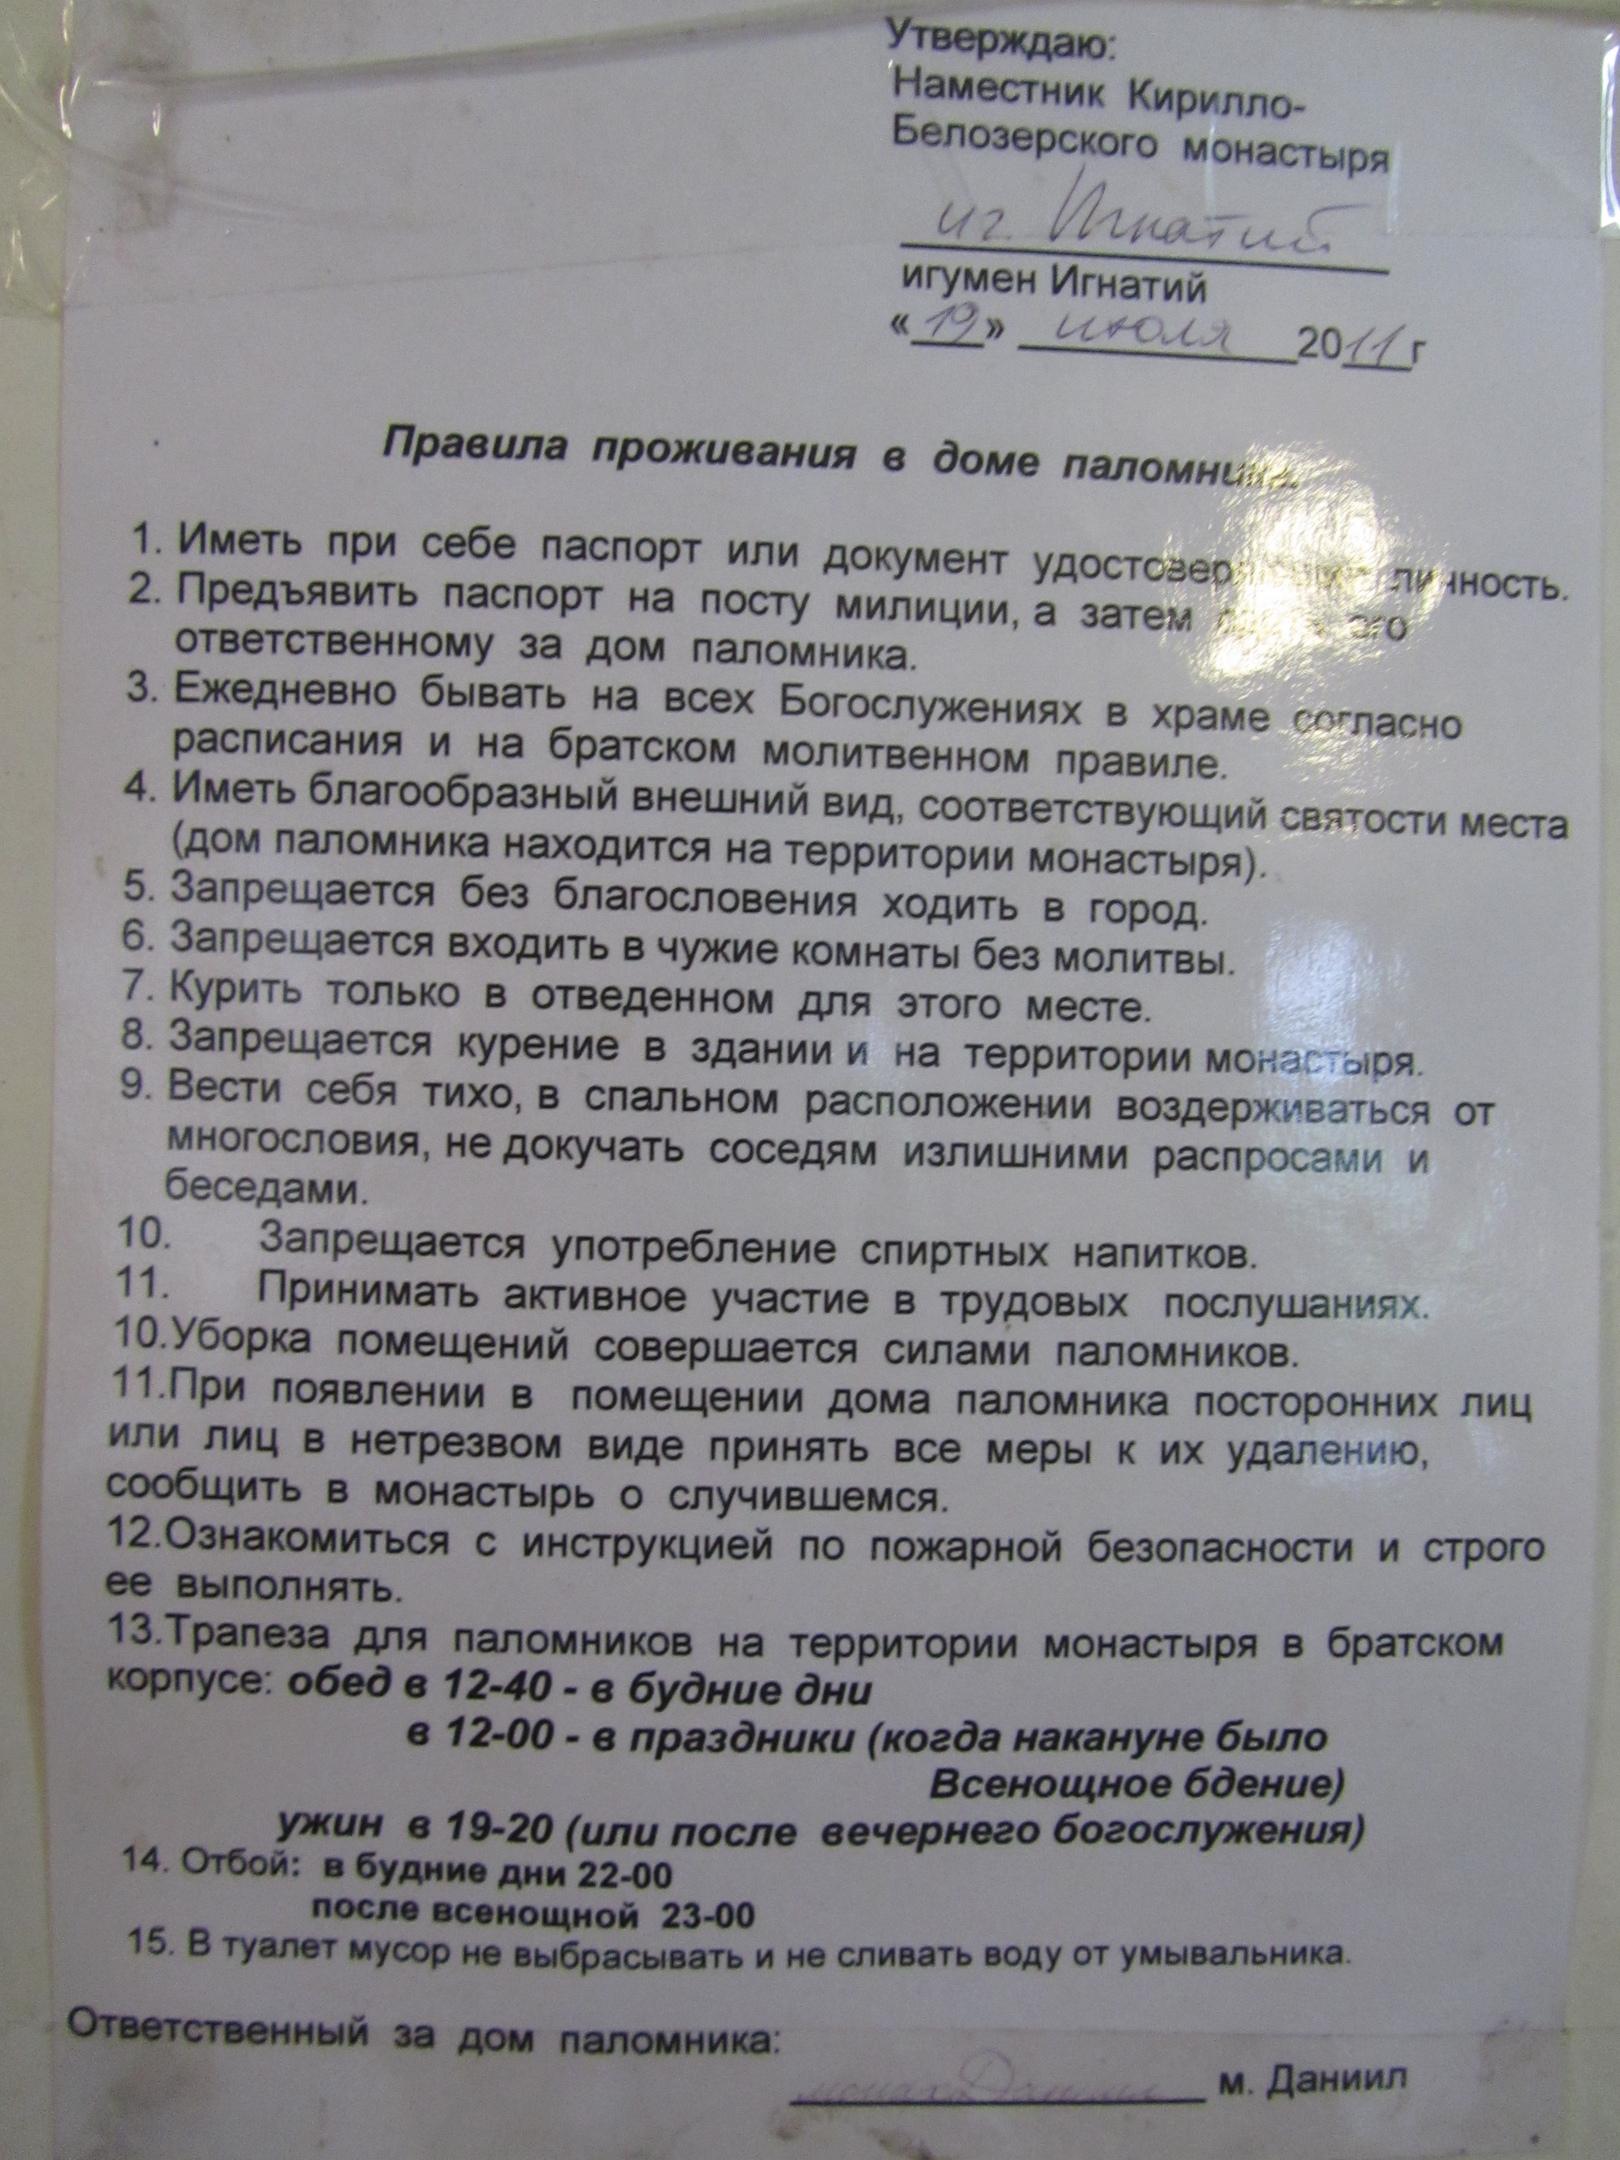 """""""правила проживания"""" в """"доме паломника"""" мужского монастыря"""